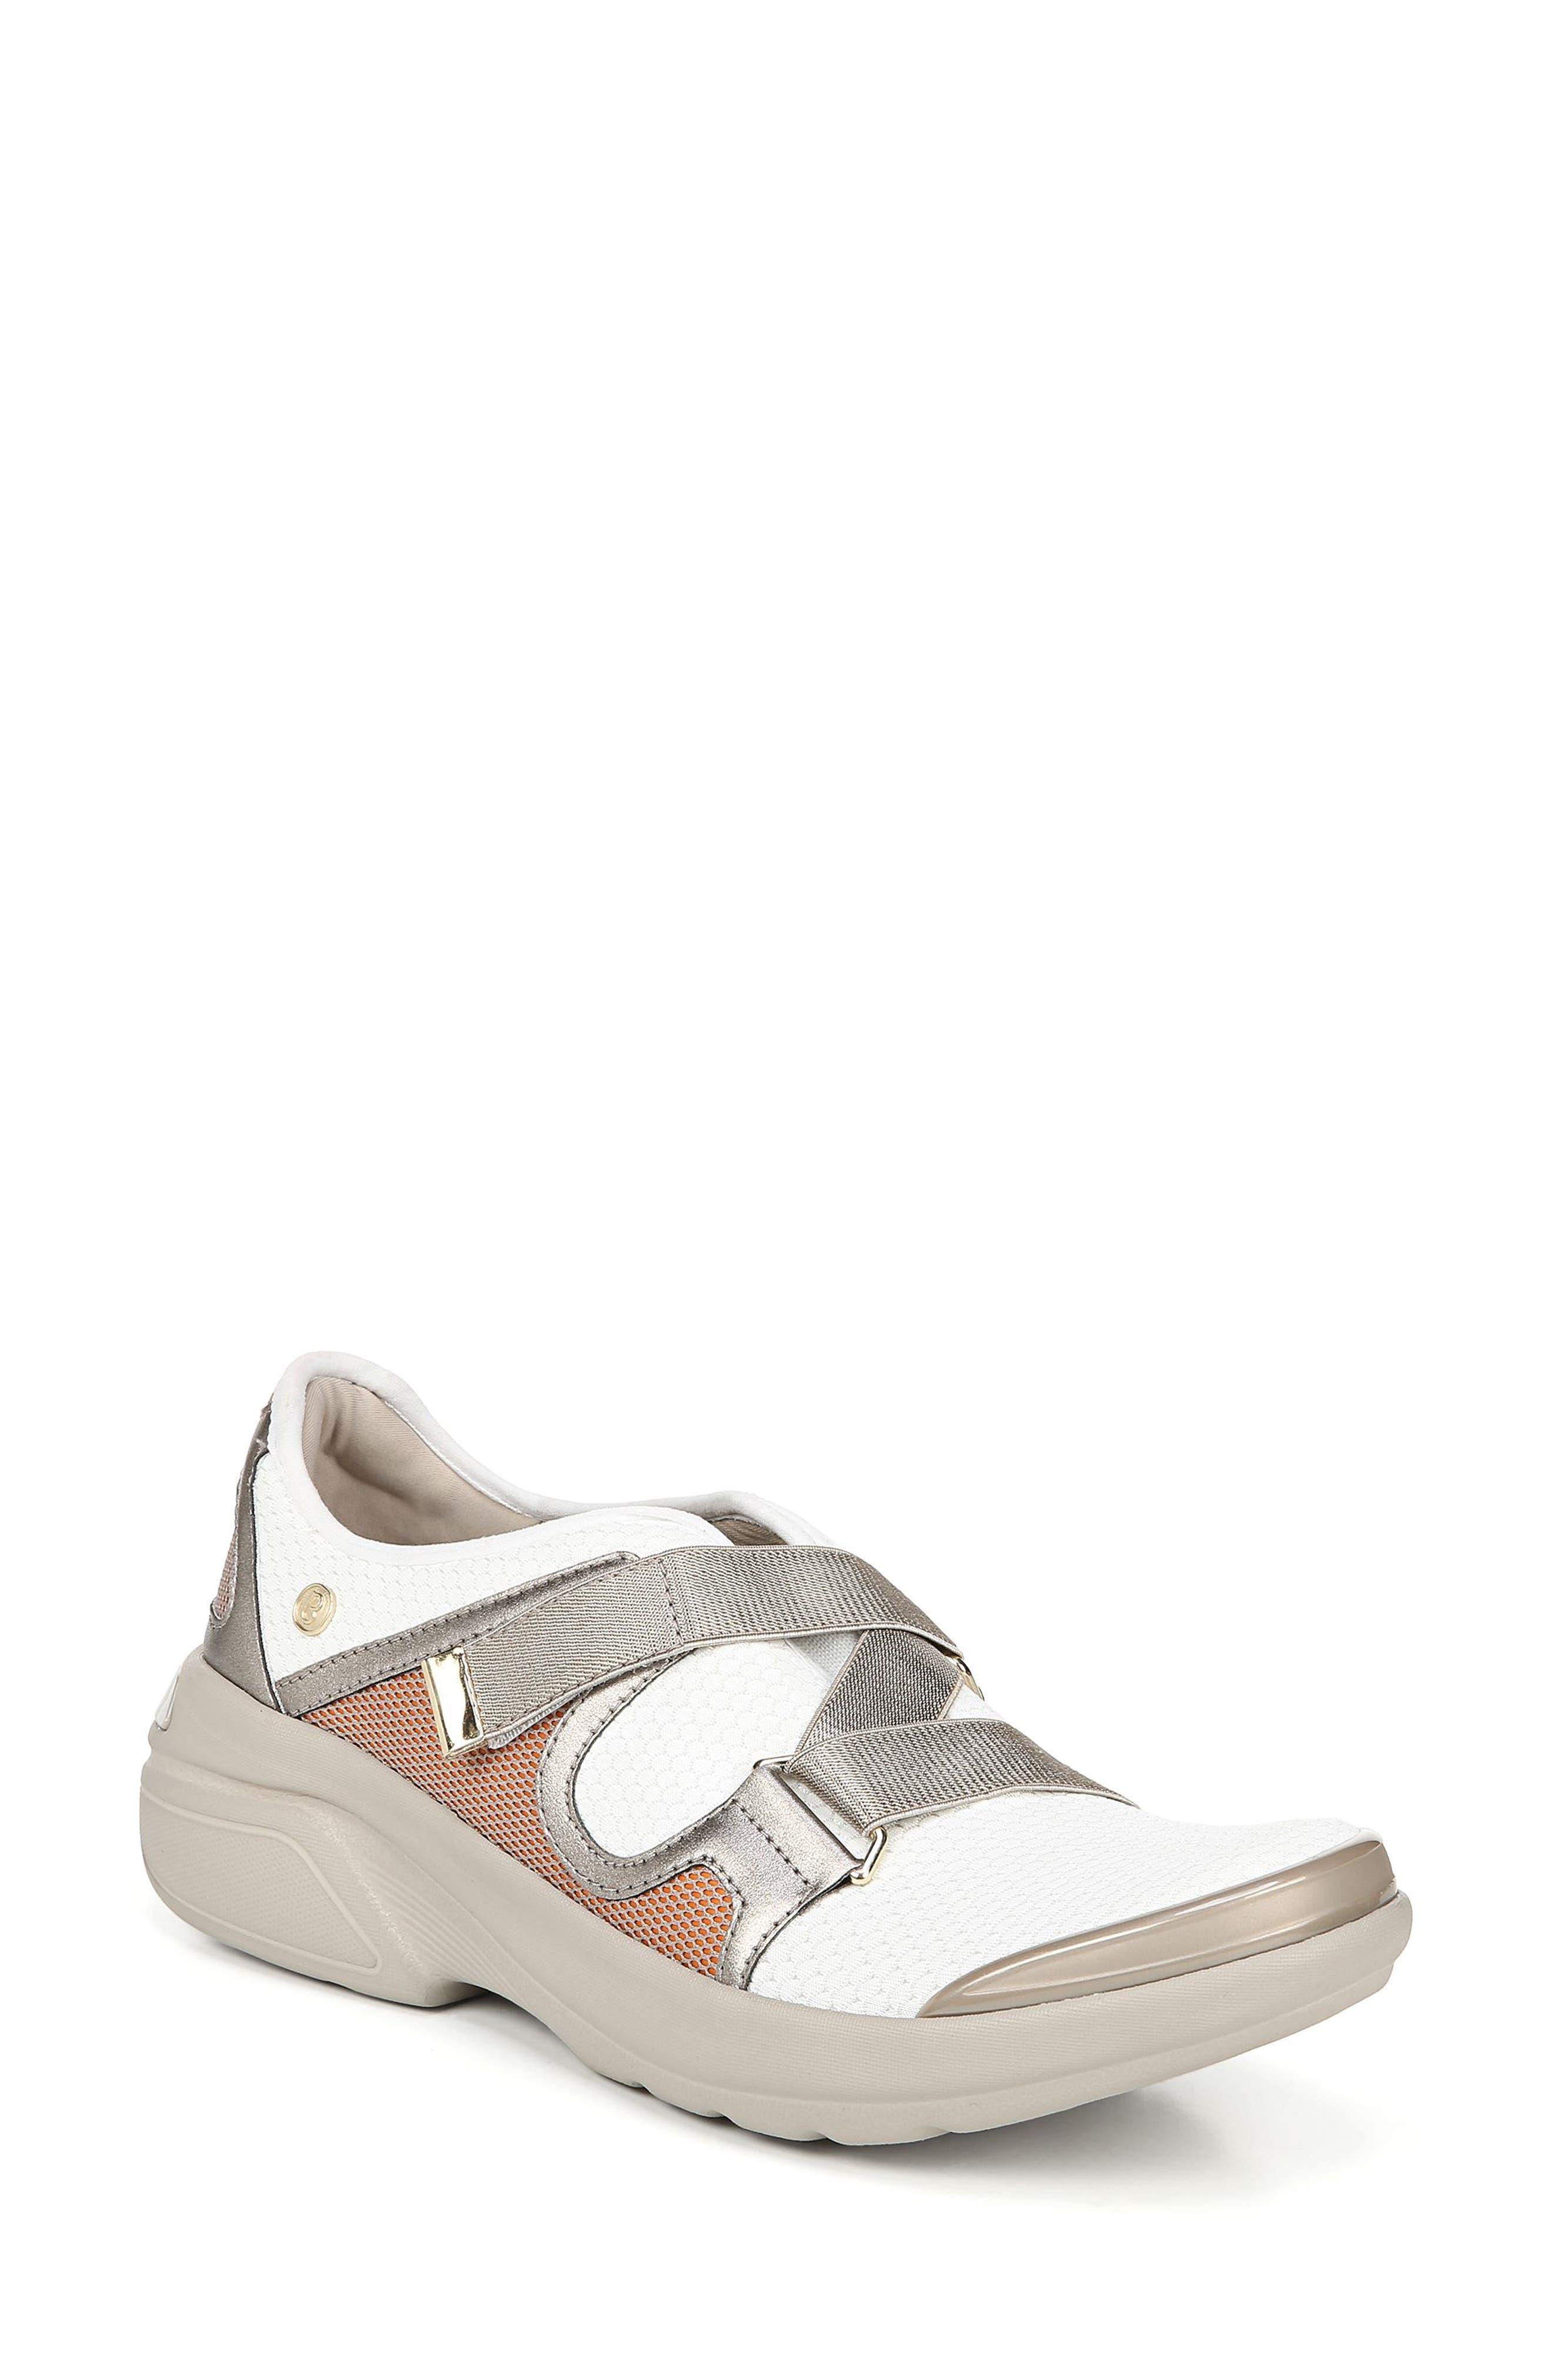 Bzees Offbeat Slip-On Sneaker- White